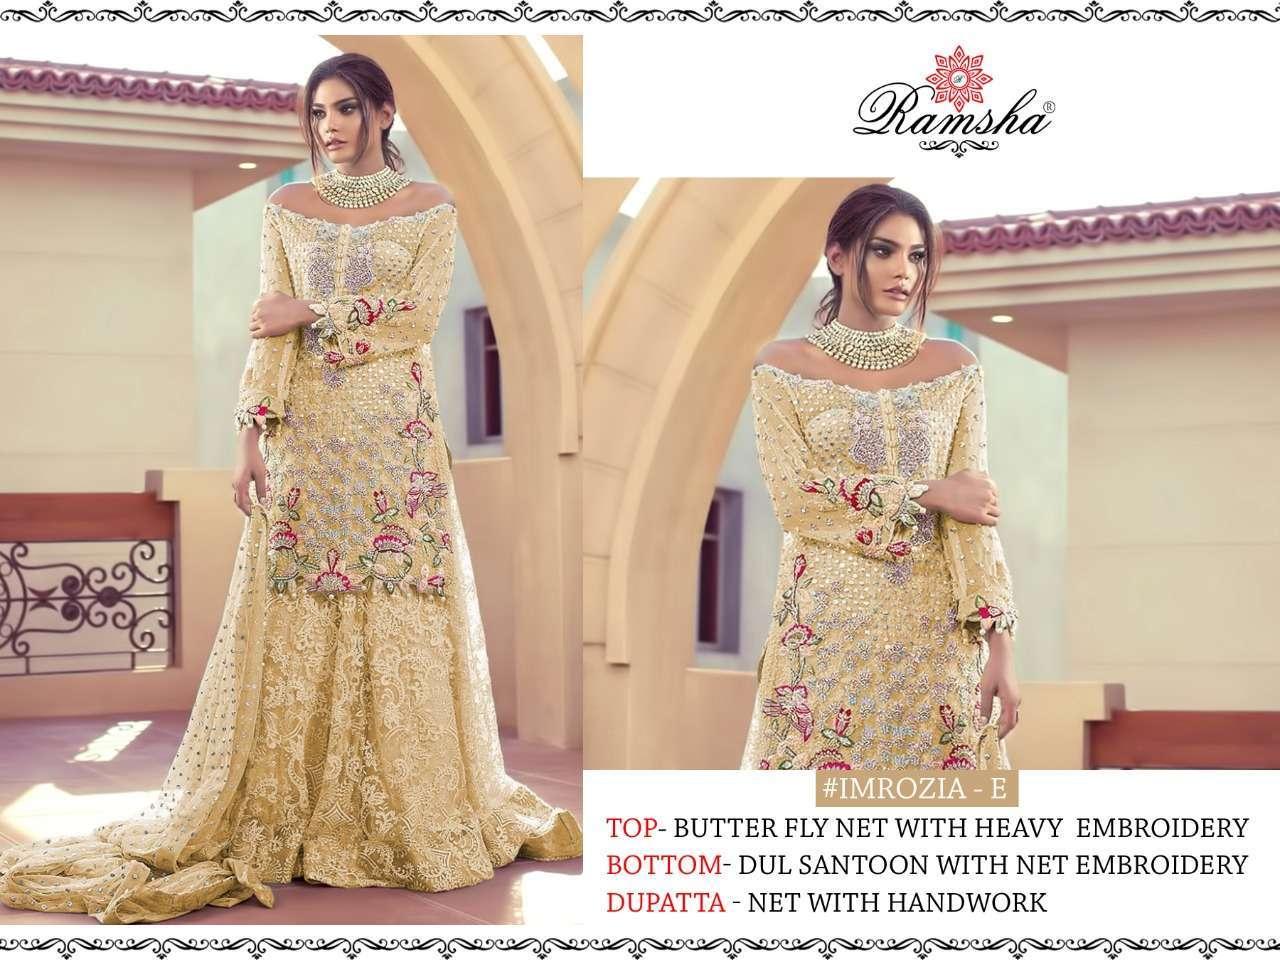 Ramsha Imrozia Nx with embroidery wotk pakisatni suit collection 5